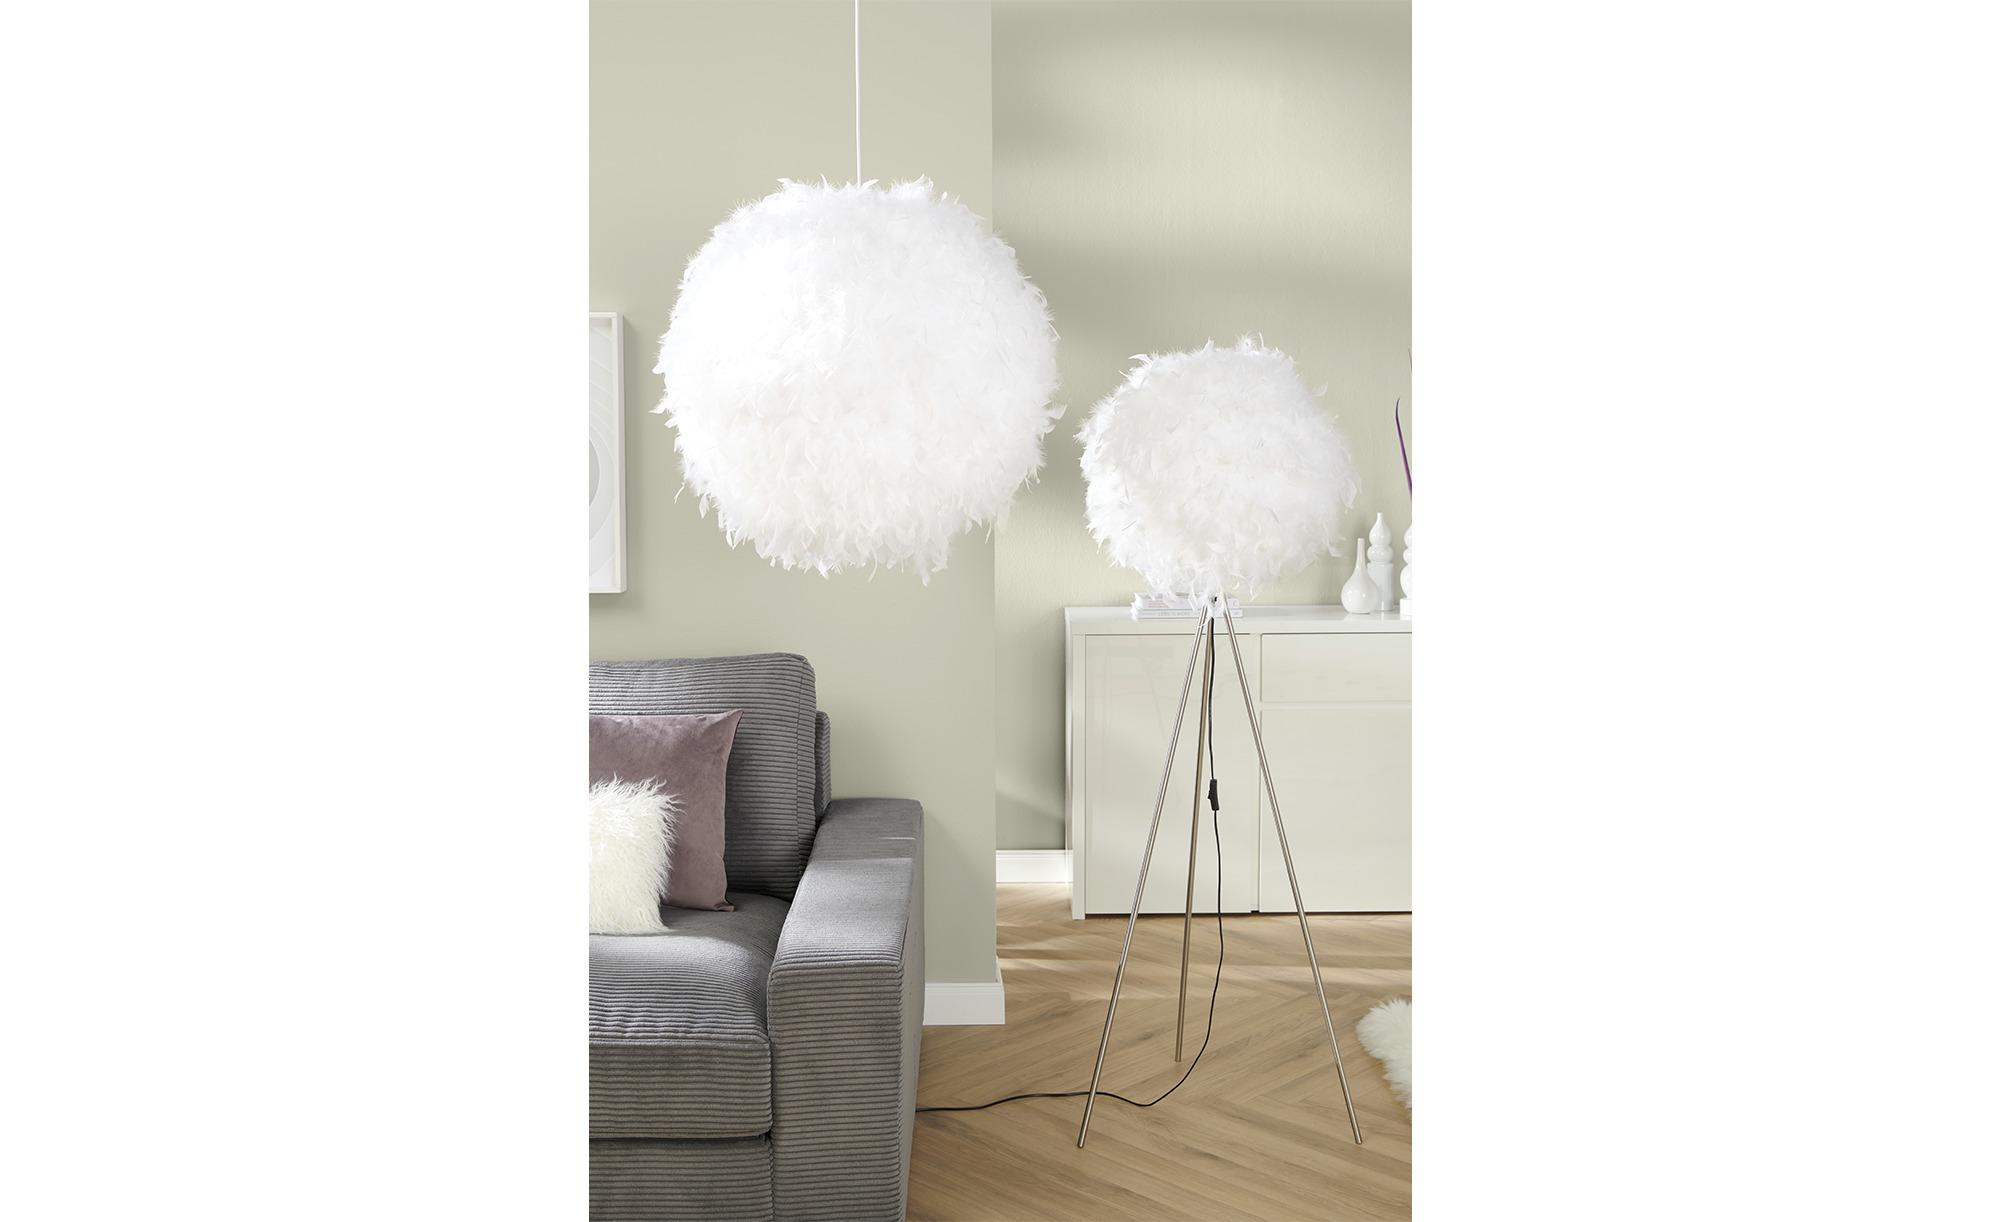 Stehleuchte, 1-flammig, Schirm aus Federn ¦ weiß ¦ Maße (cm): H: 150 Ø: 40 Lampen & Leuchten > Innenleuchten > Stehlampen - Höffner